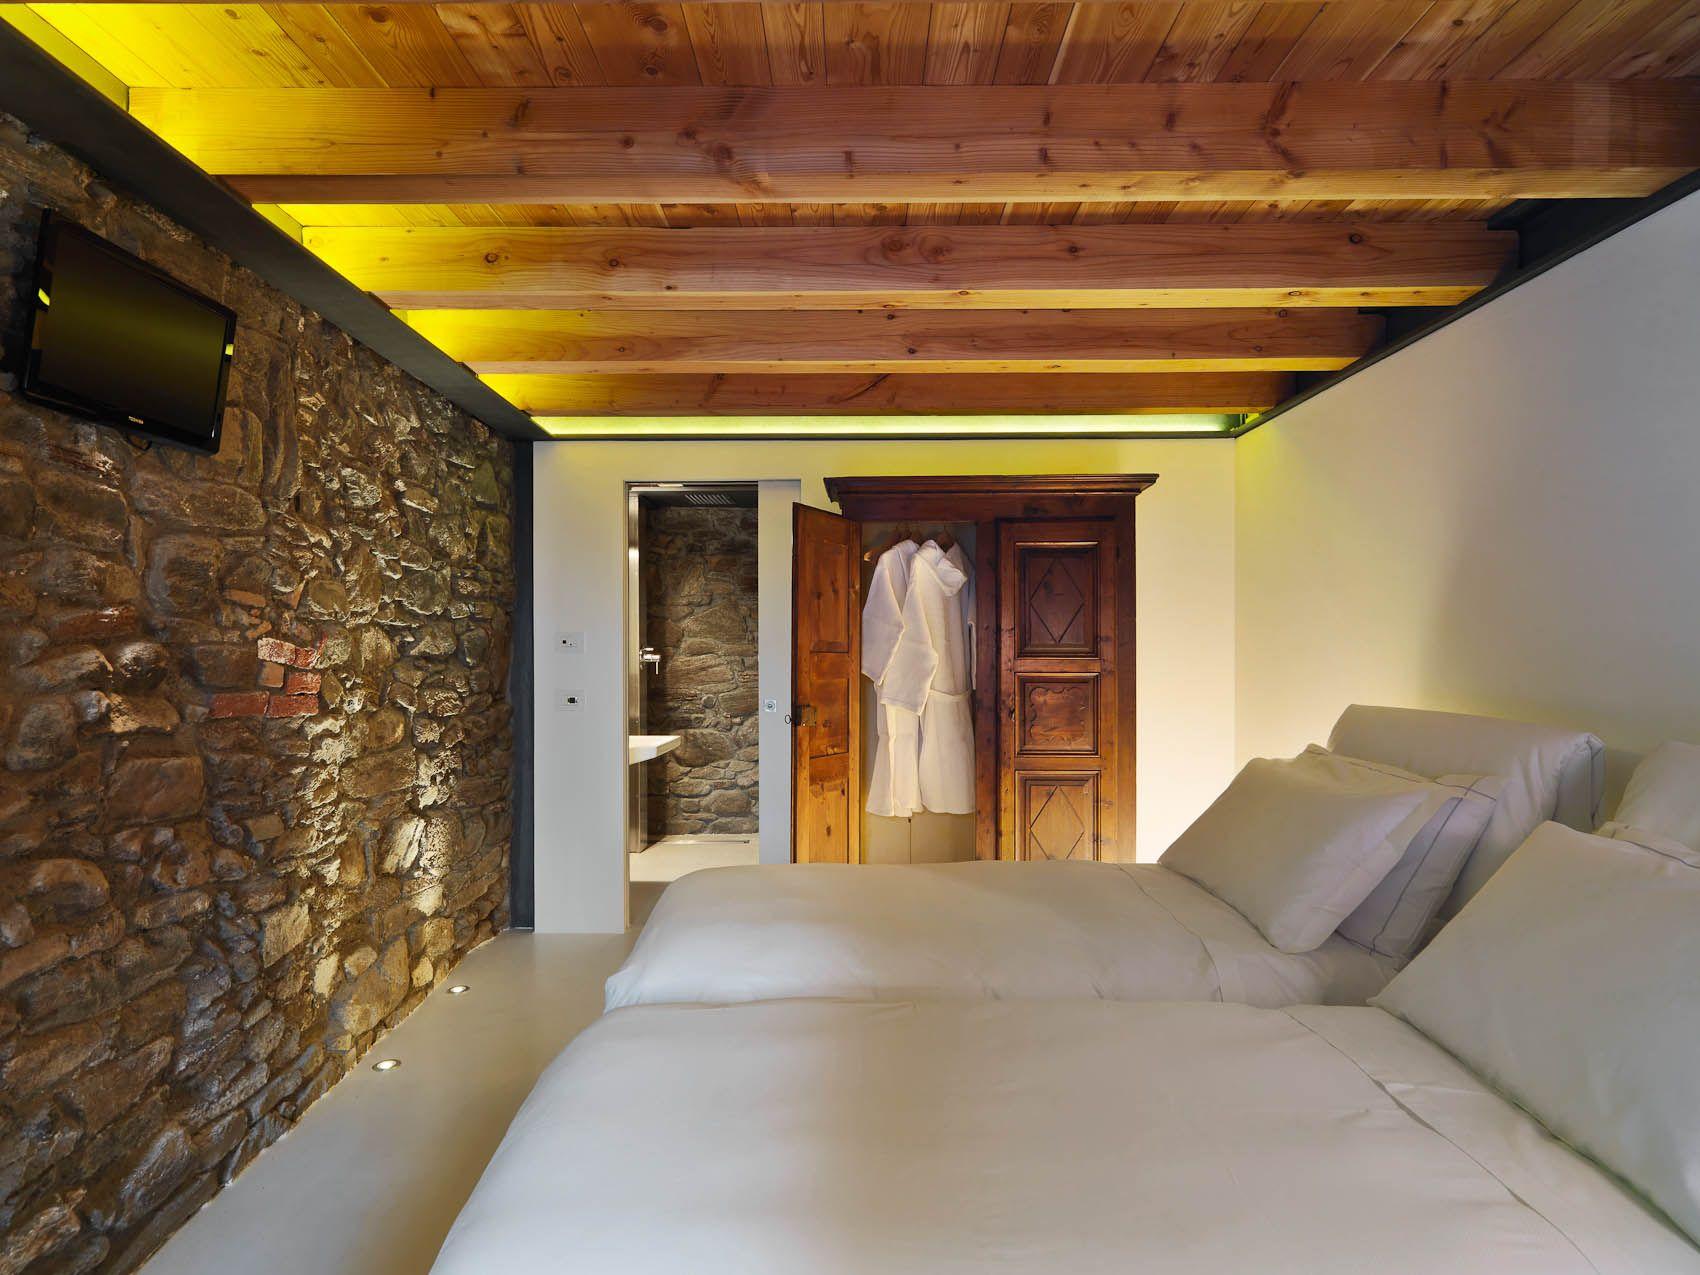 B B Di Charme Lusso E Design In Valle D Aosta Bed Breakfast Chambre D Hotes Le Coffret Le Camere Rustic Bedroom Design Home